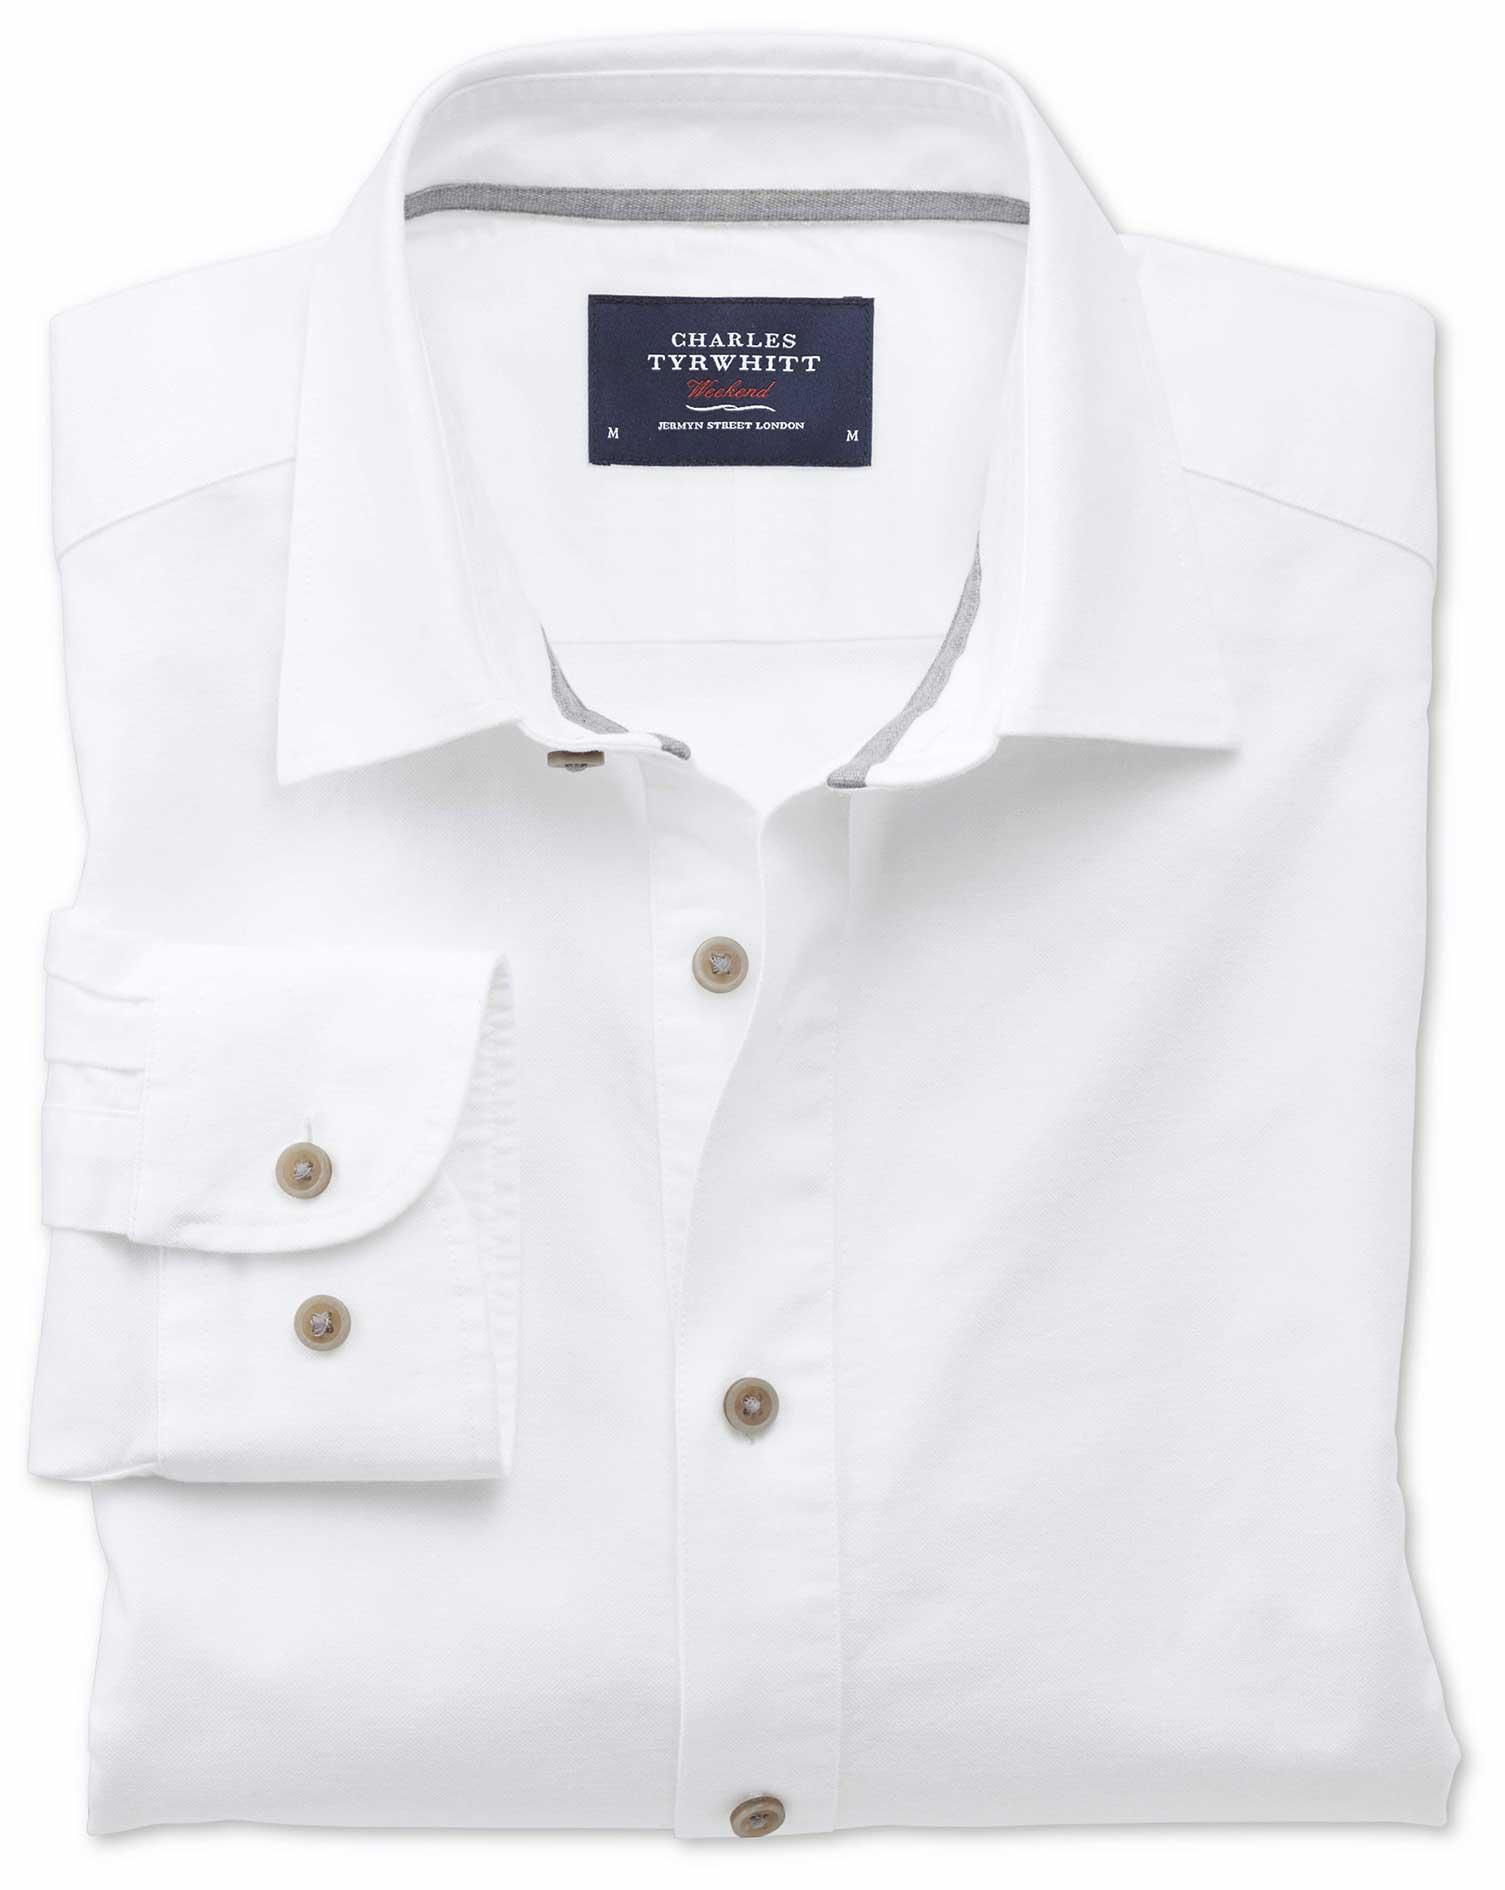 Slim Fit Spread Collar Popover White Shirt Charles Tyrwhitt